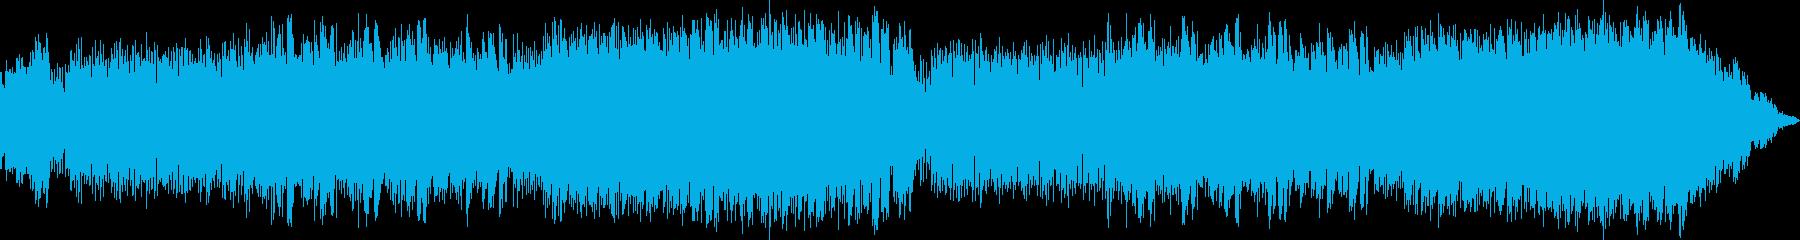 フォルクローレ風のファンタジーBGMの再生済みの波形